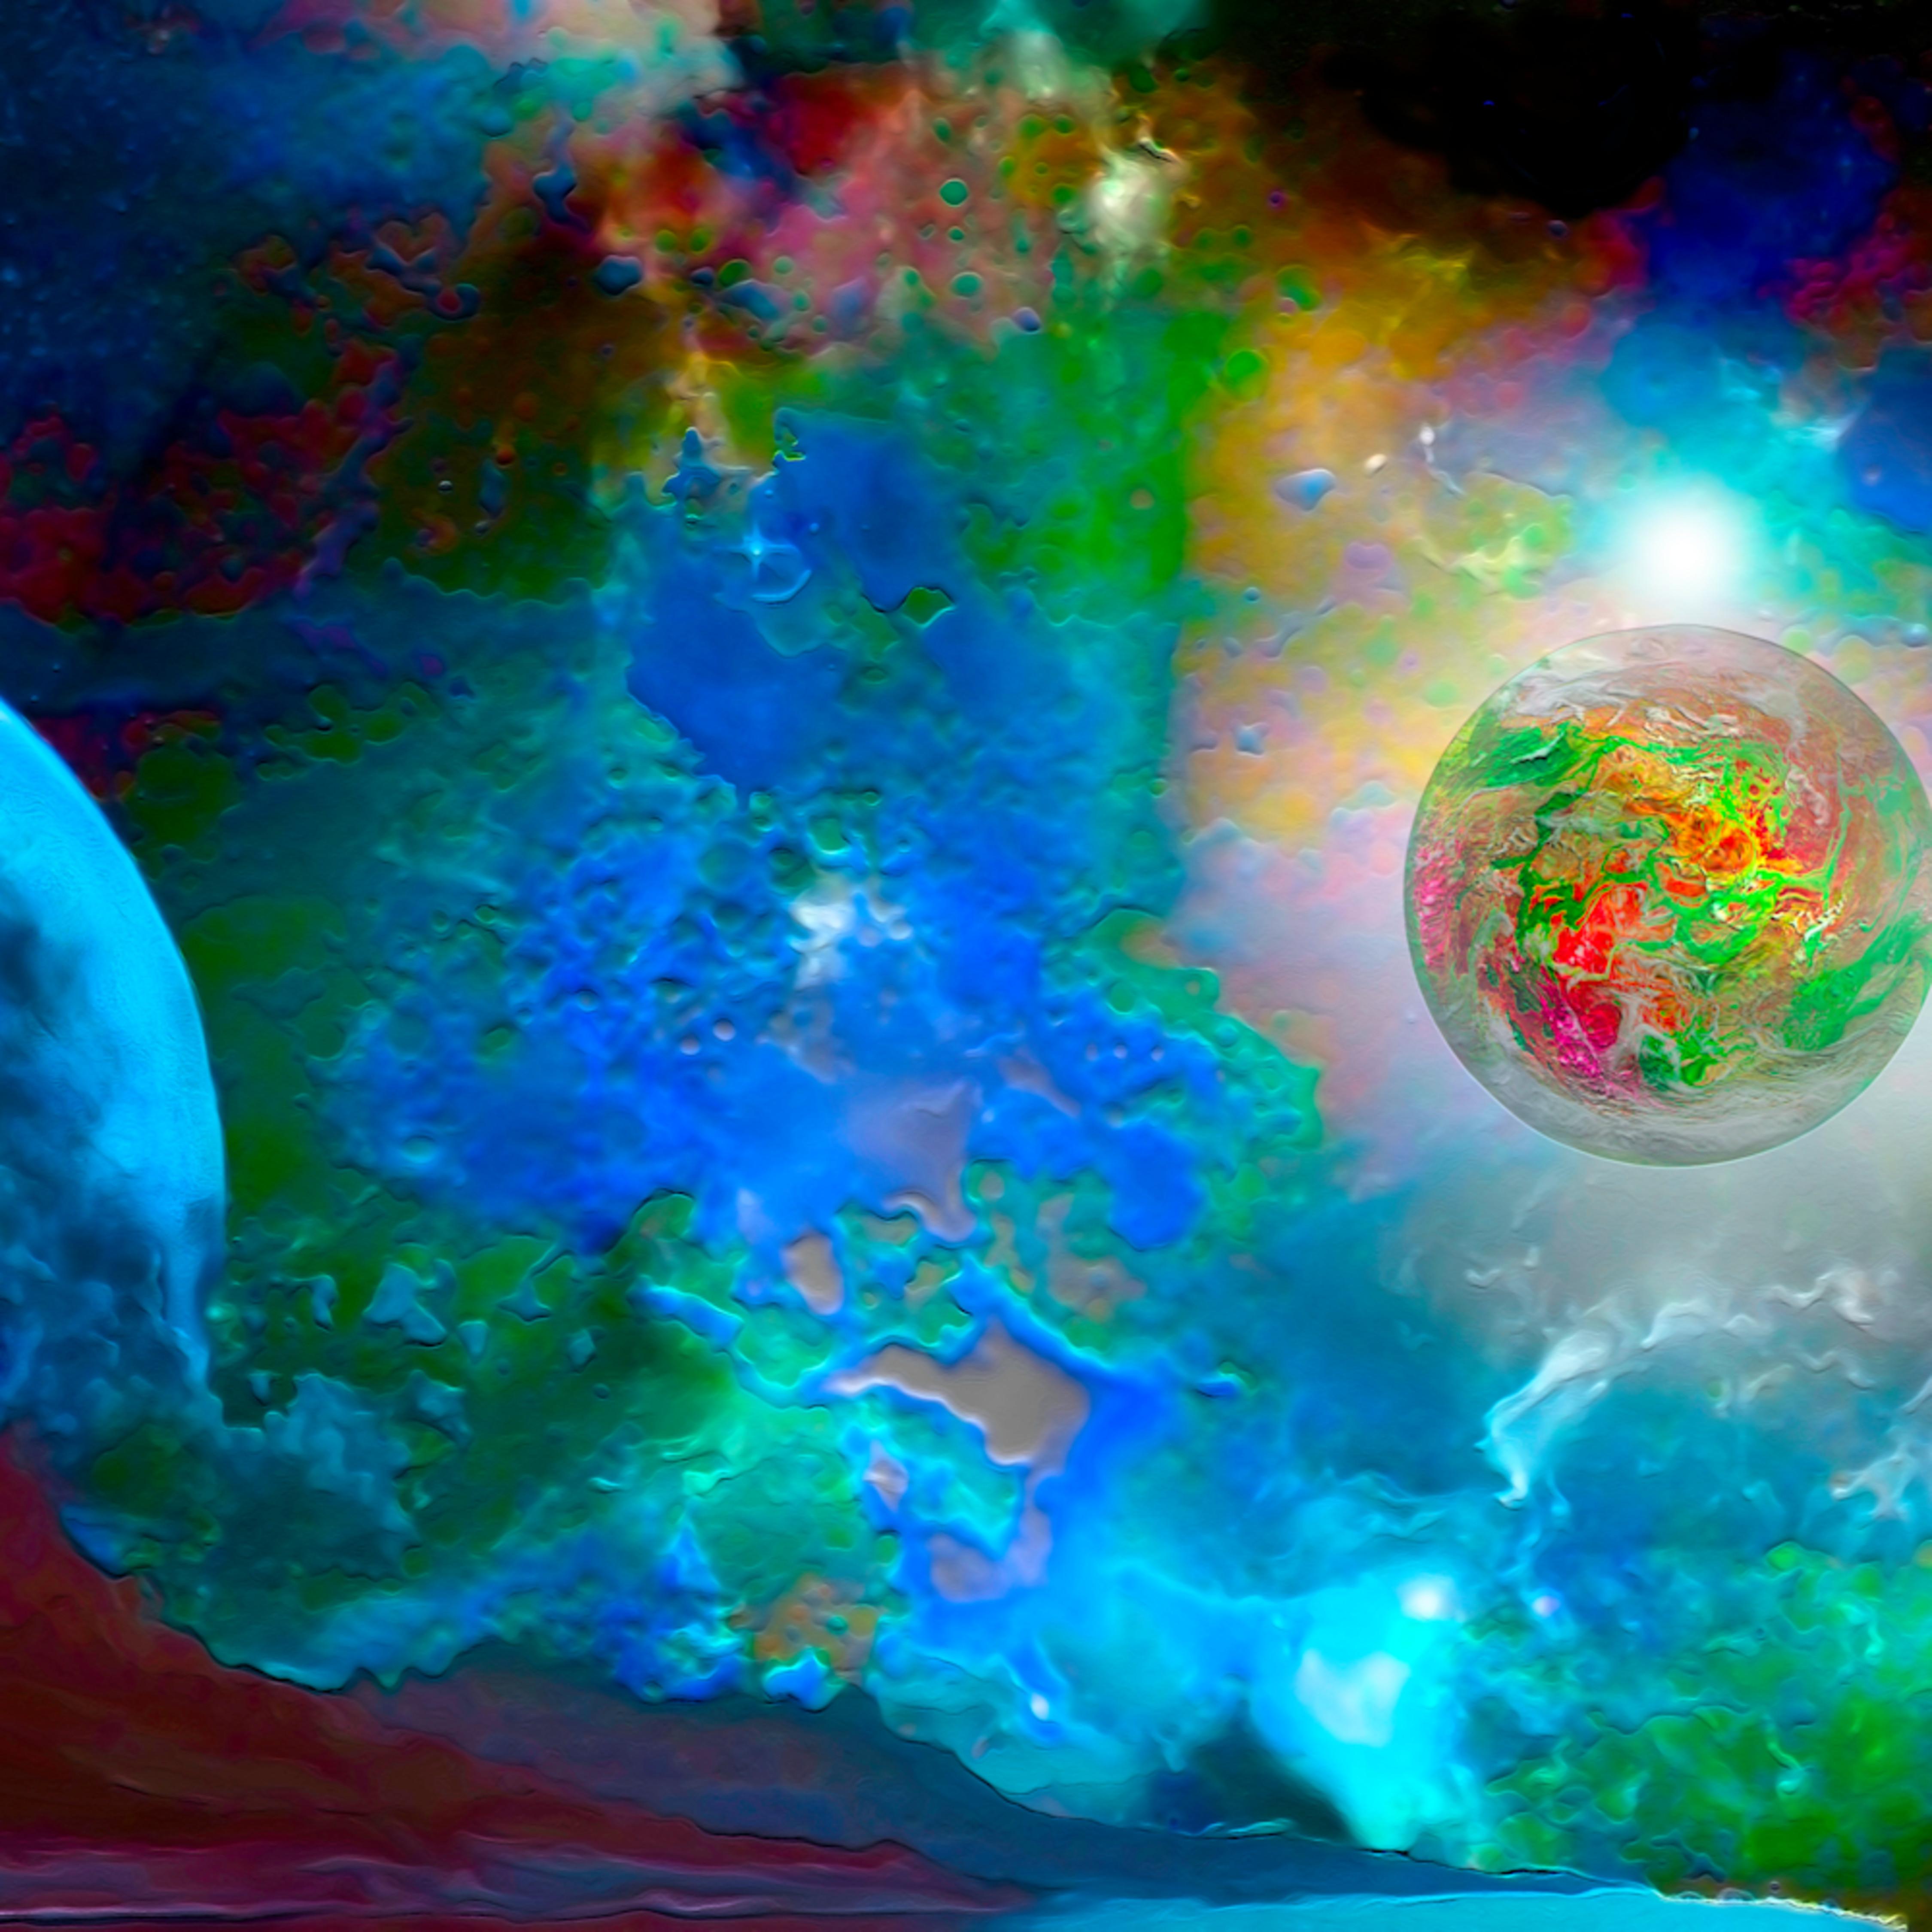 Celestial presence dxormo